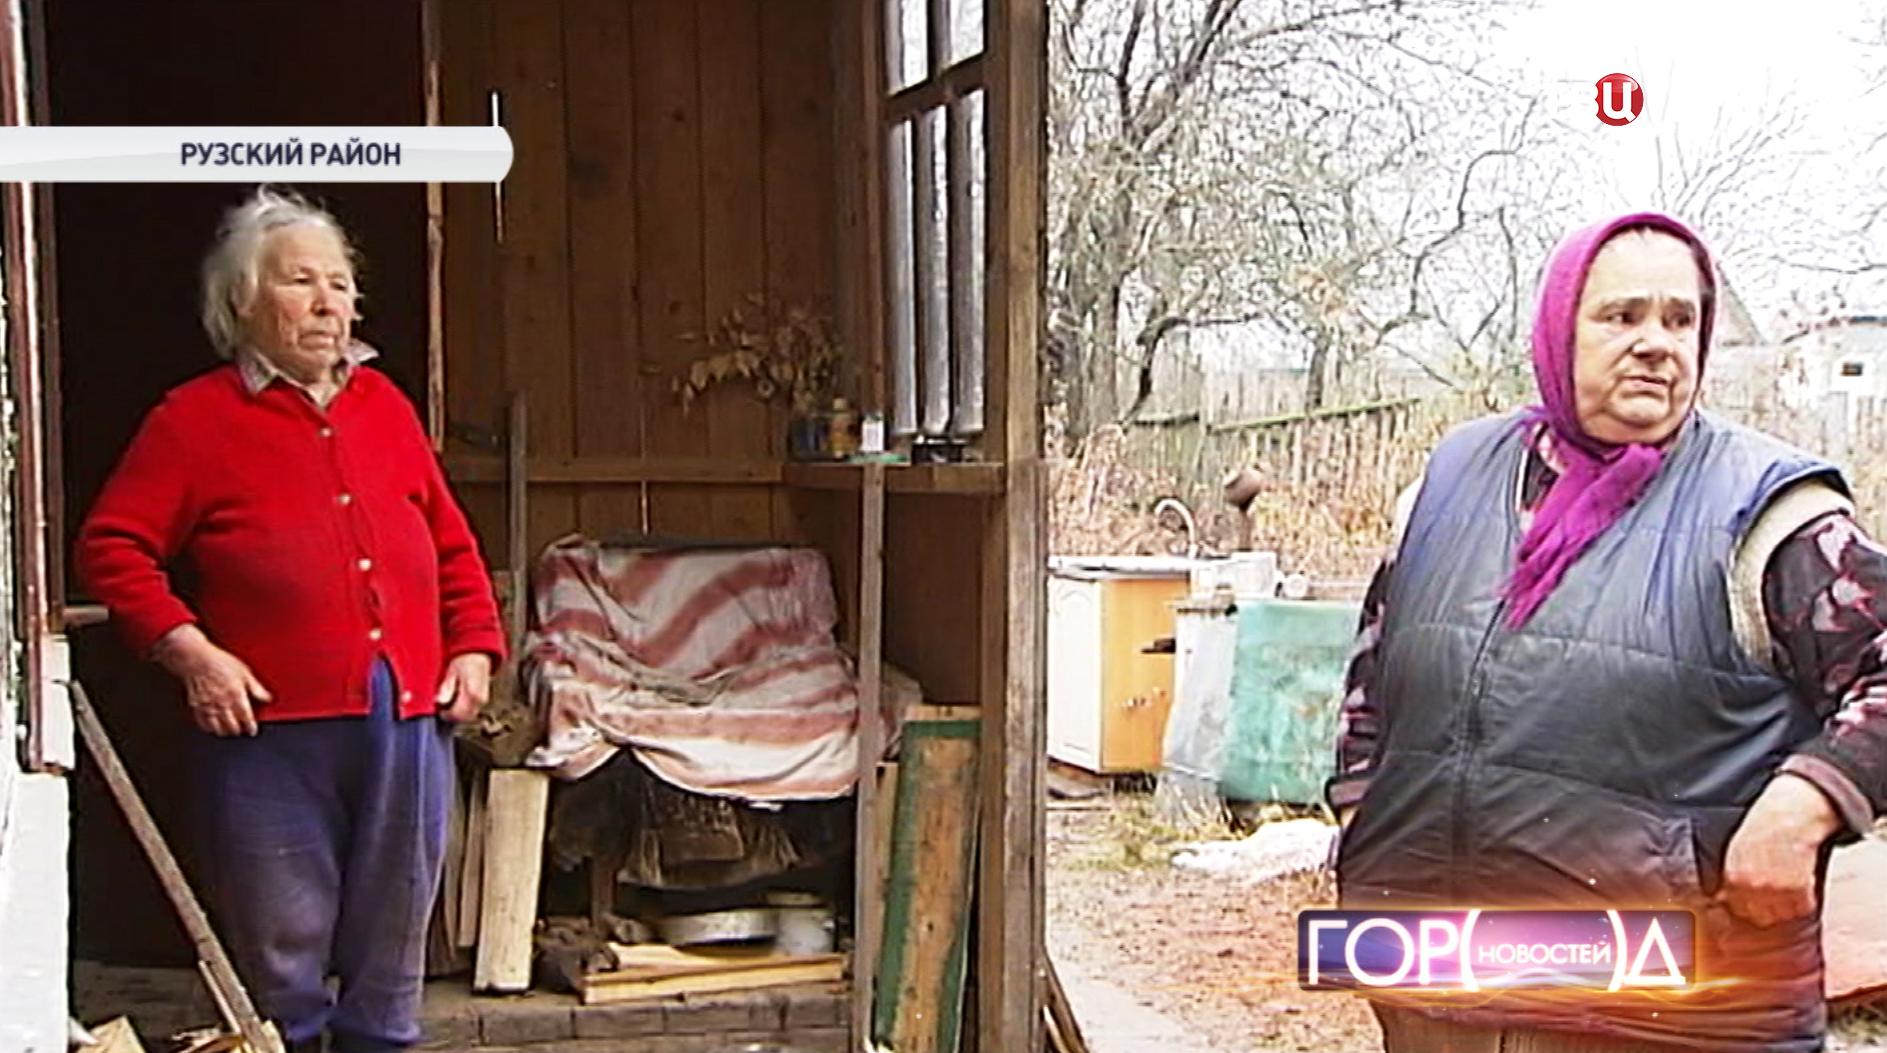 Жители деревни Костино Рузского района Московской области